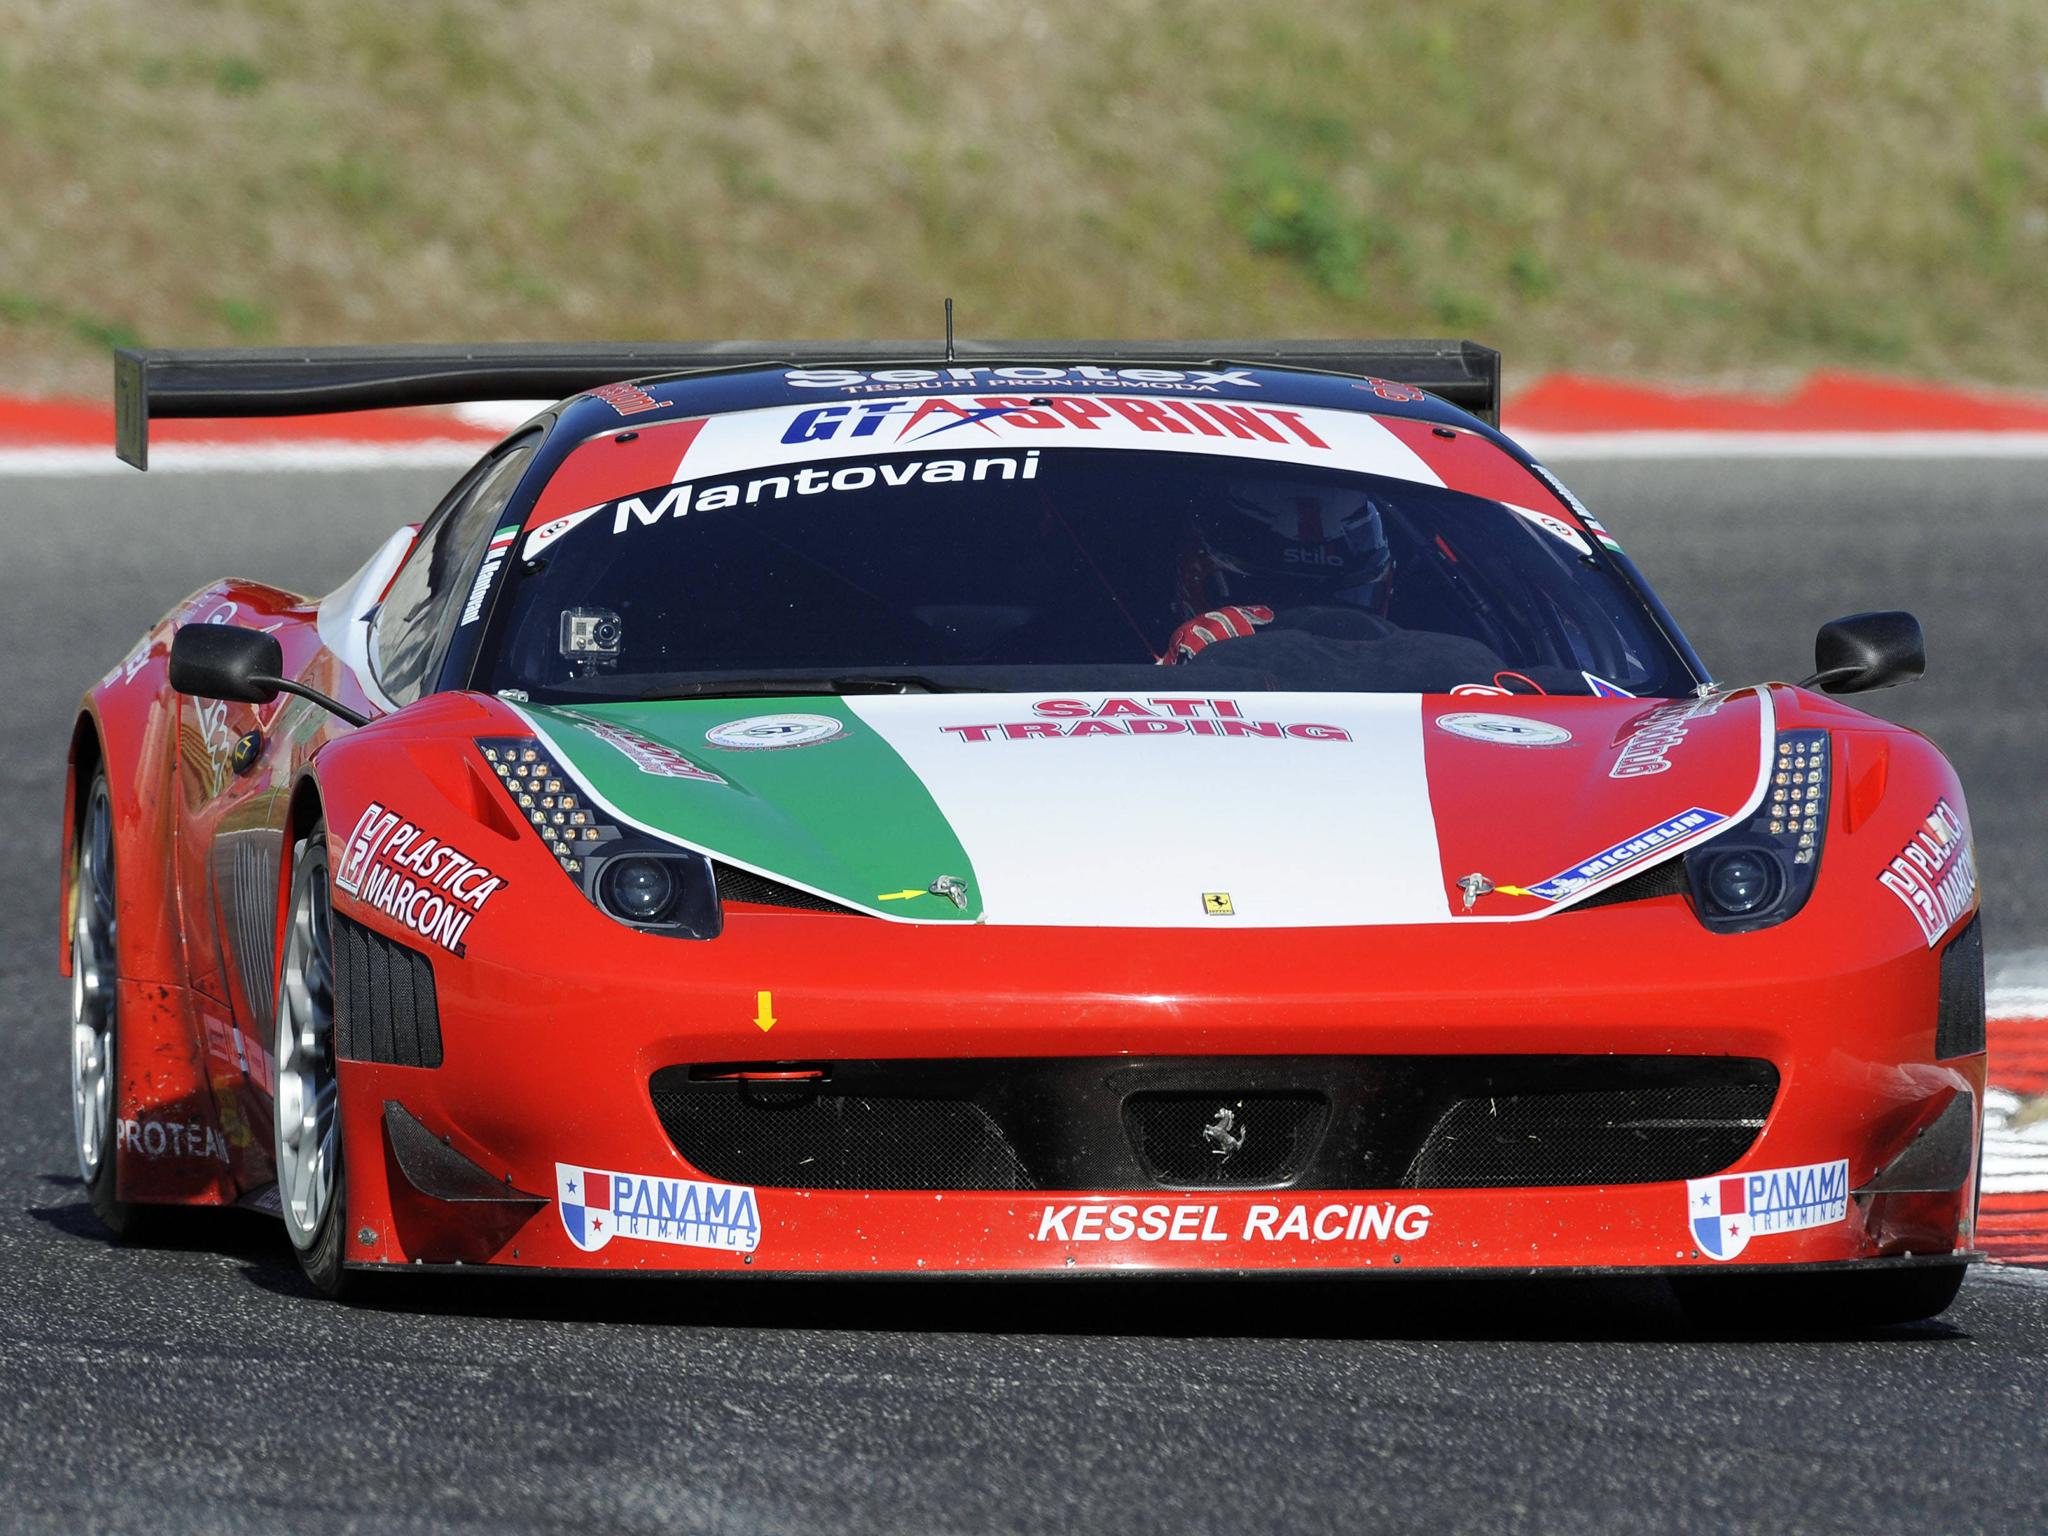 2011 Ferrari 458 Italia Gt3 Supercar Supercars Race Racing G Wallpaper 2048x1536 120241 Wallpaperup